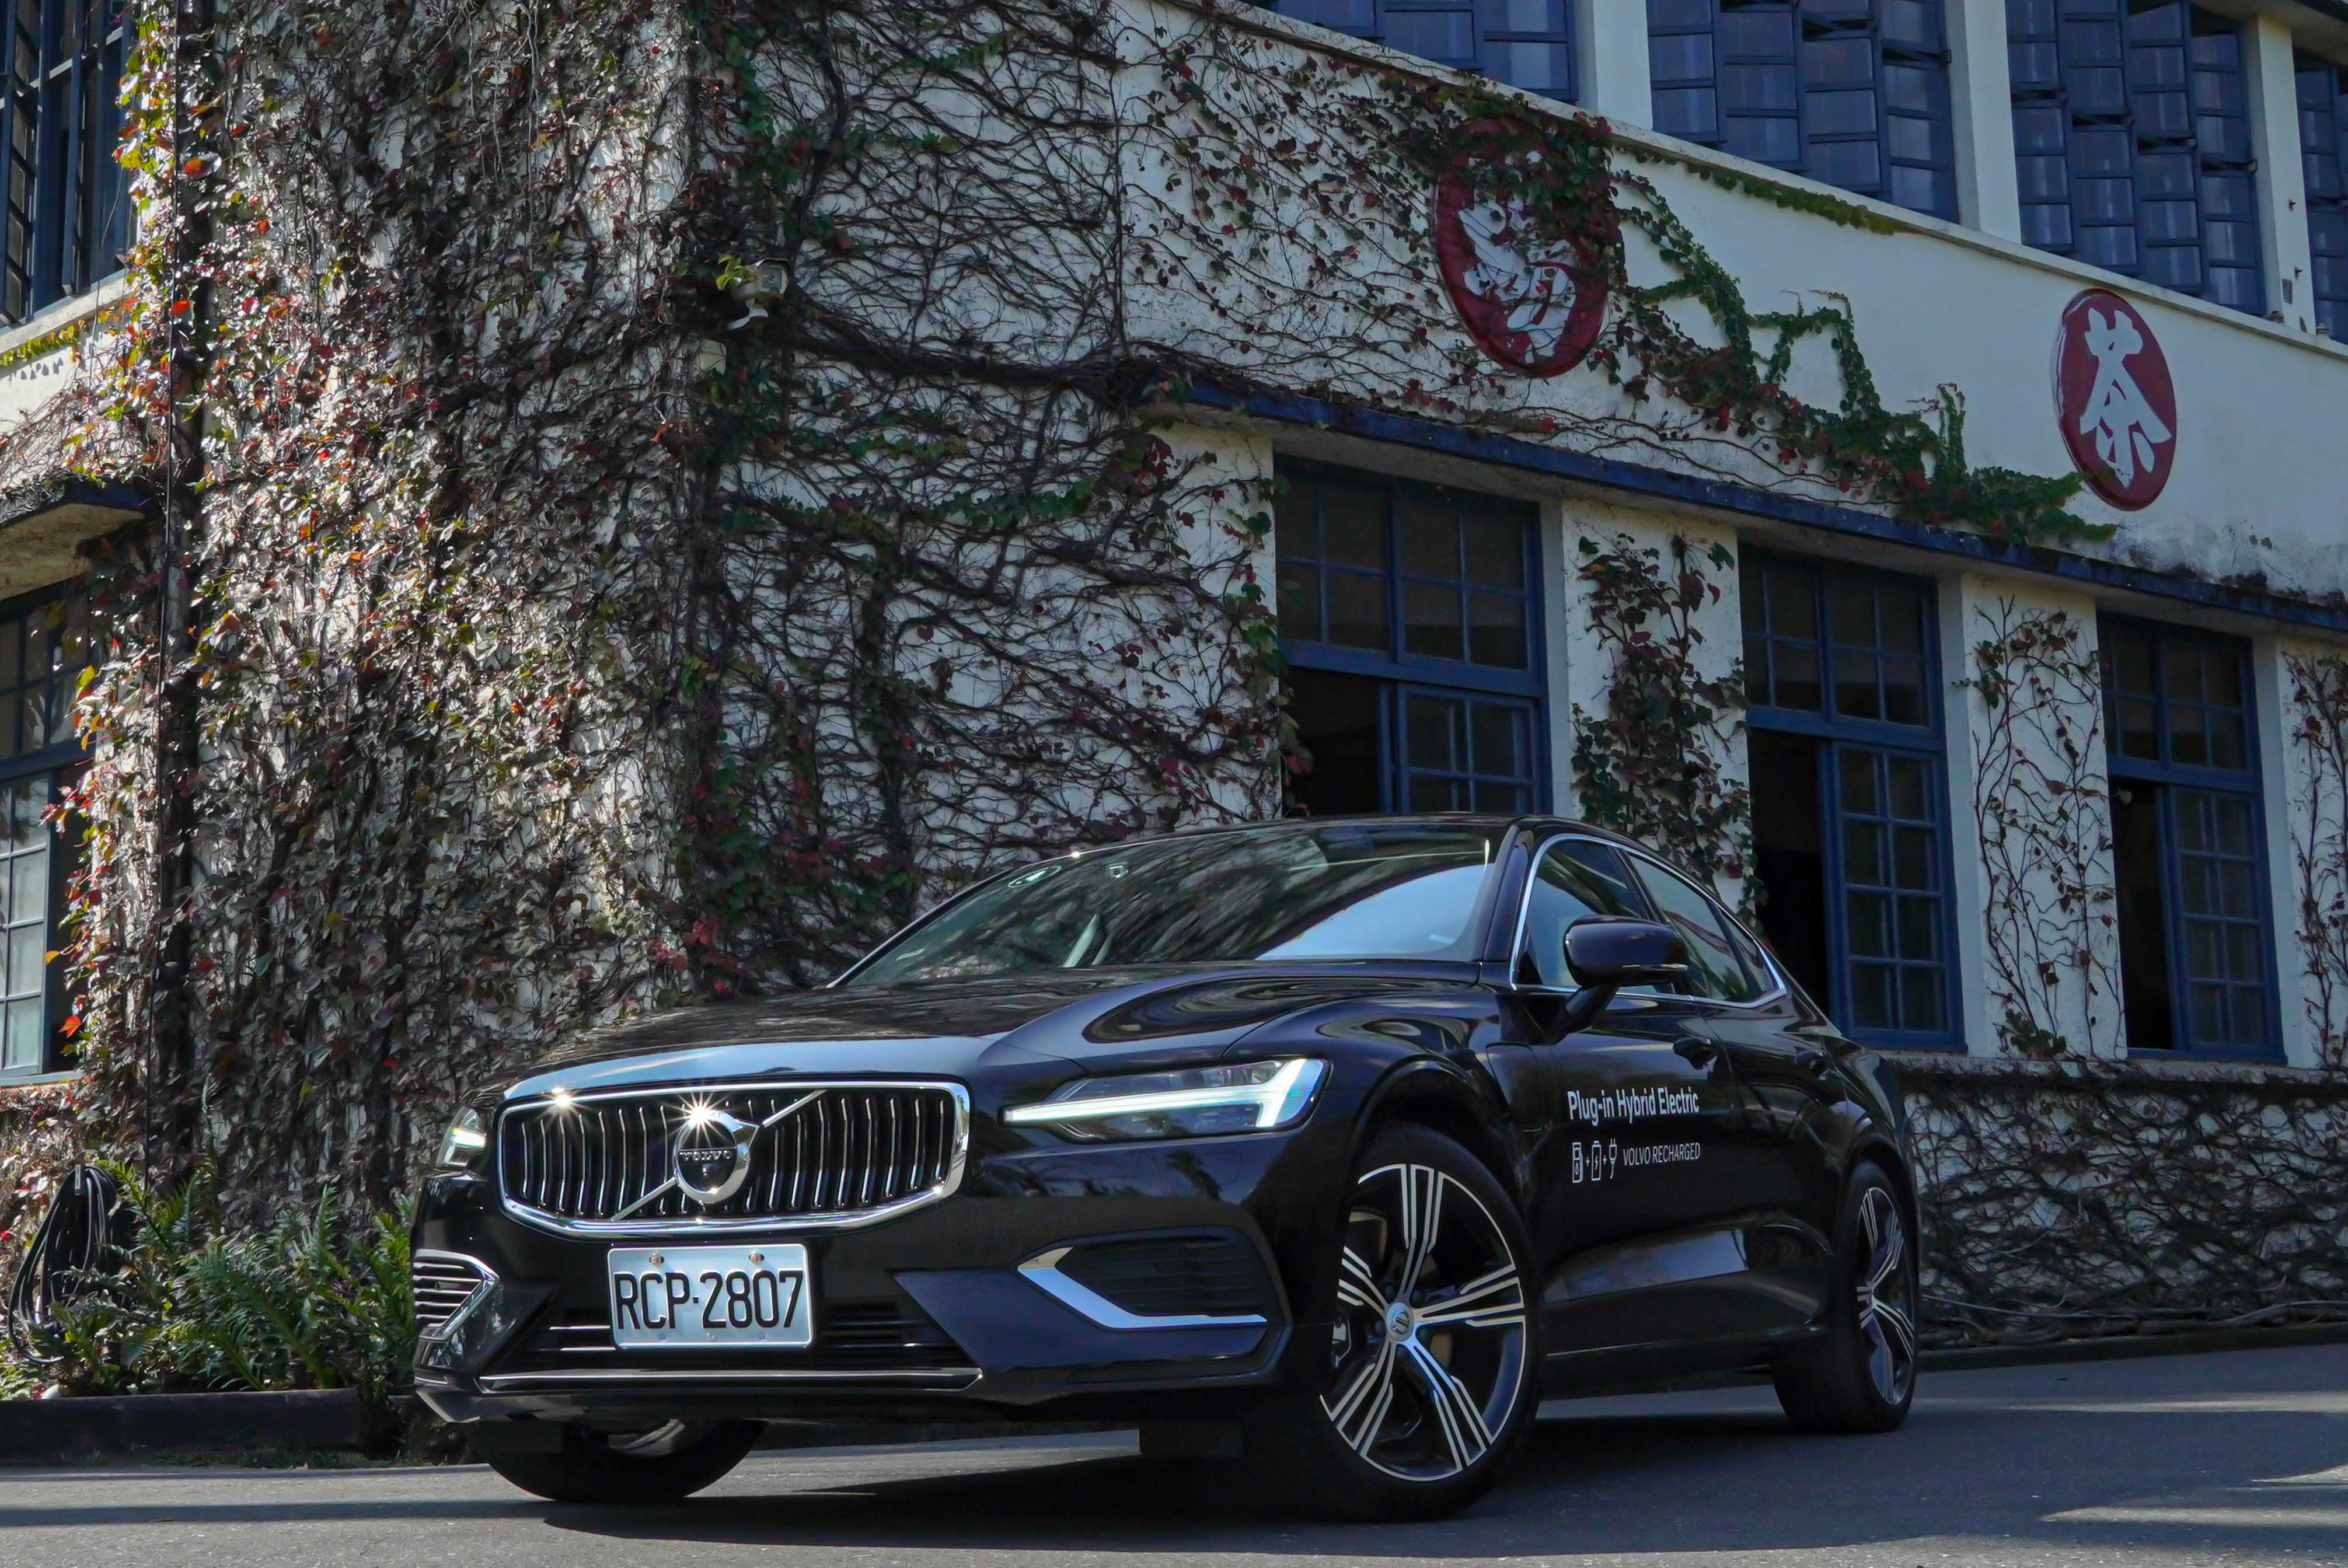 車頭部分,S60/V60 T6 Inscription 車型具有專屬鍍鉻直瀑式水箱護罩及高階 LED 自動轉向頭燈。